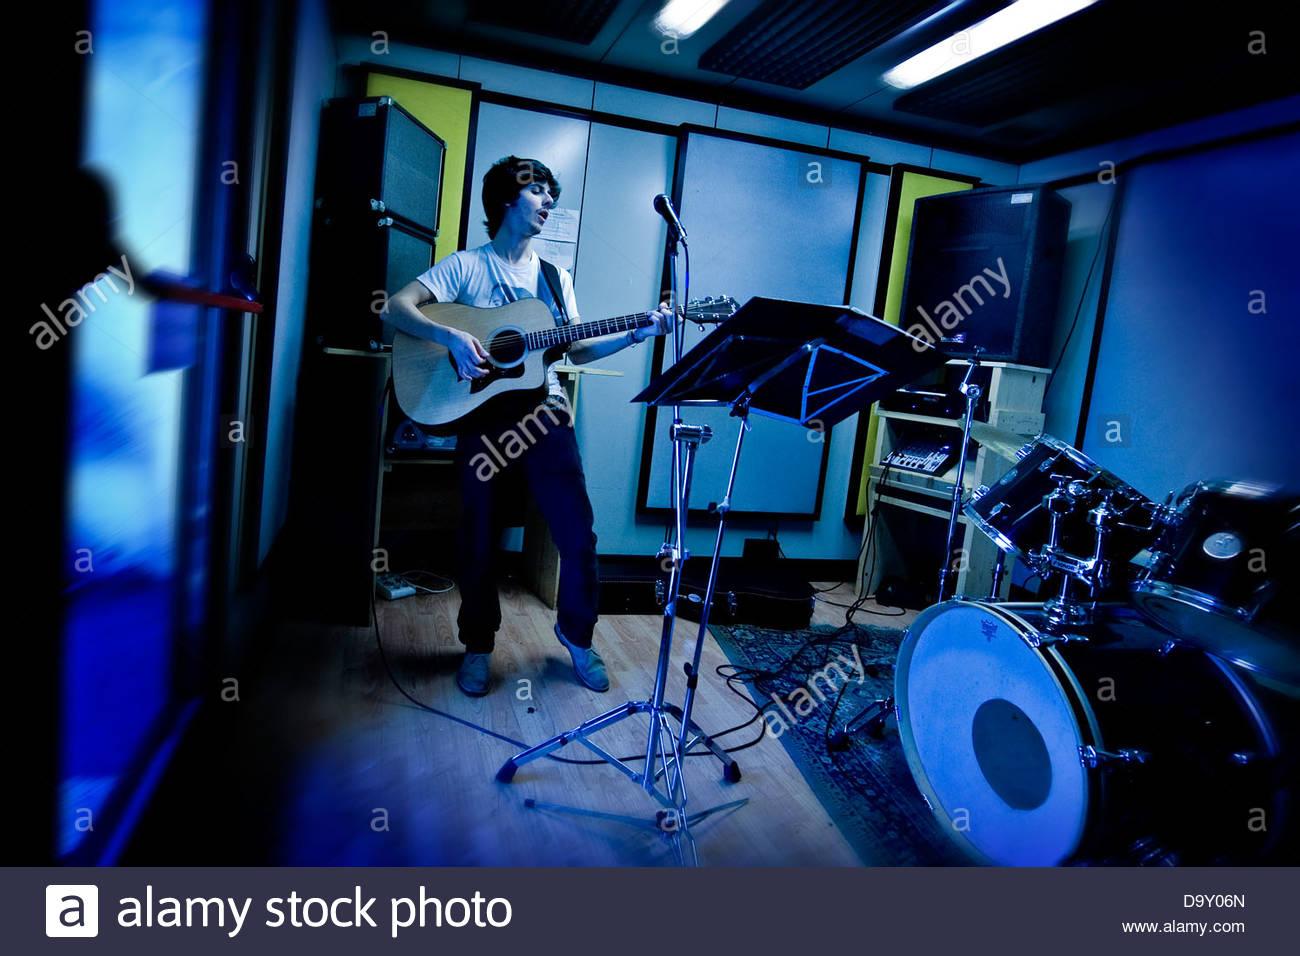 Music Practice Room Stock Photo 57755901 Alamy